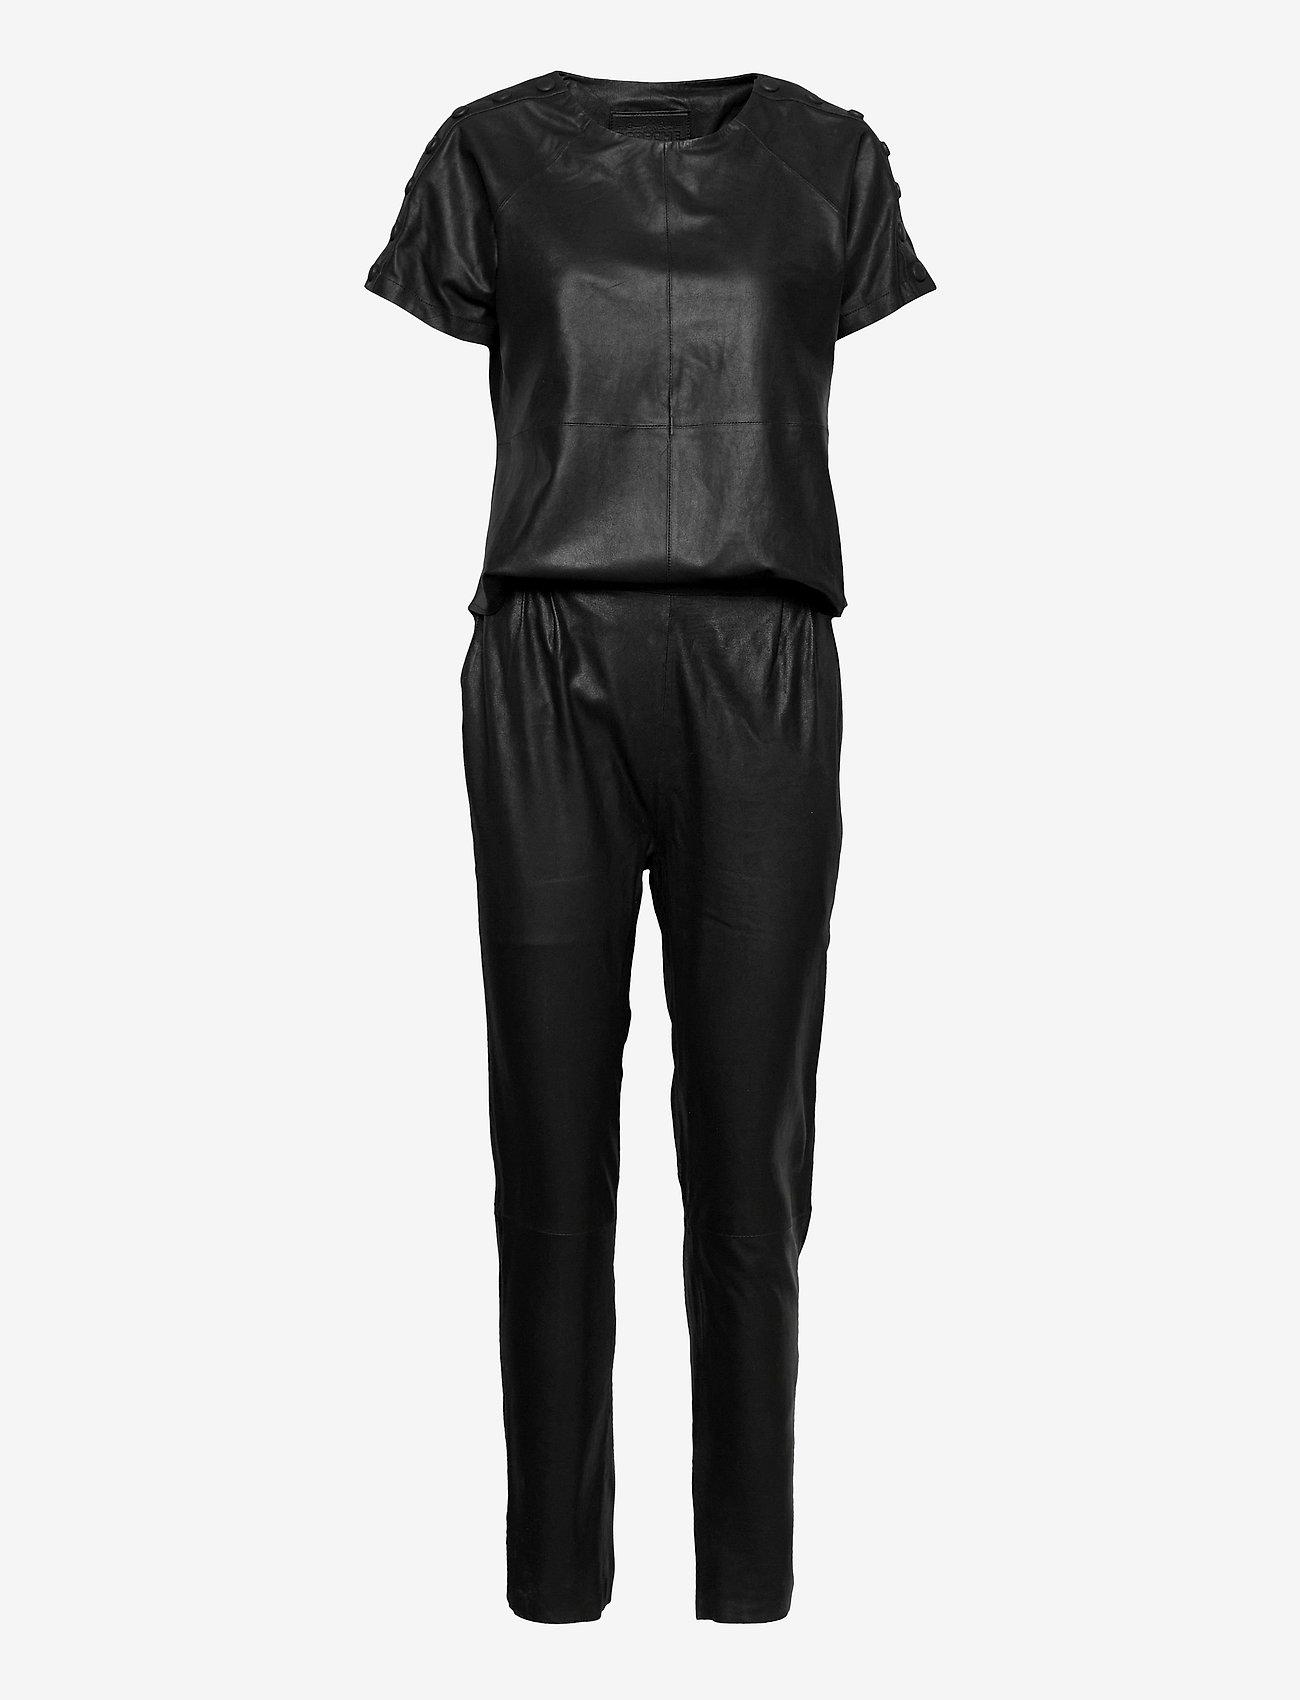 DEPECHE - Jumpsuit - jumpsuits - black - 0